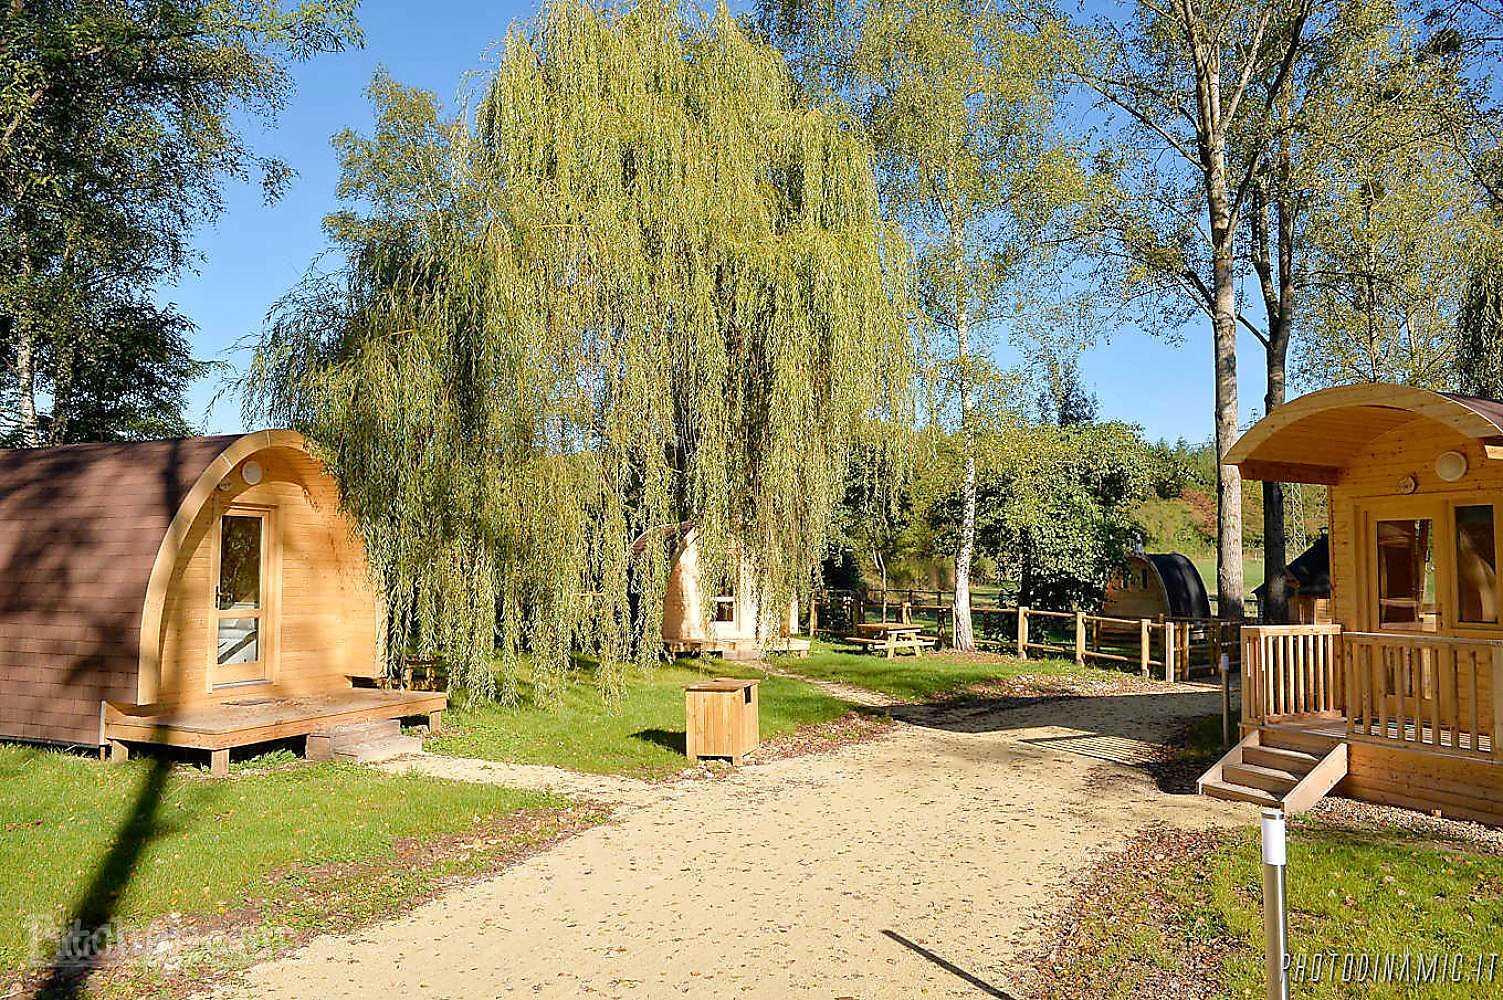 Vacanze: 8 campeggi dove rilassarsi per il ponte dell'Immacolata thumbnail